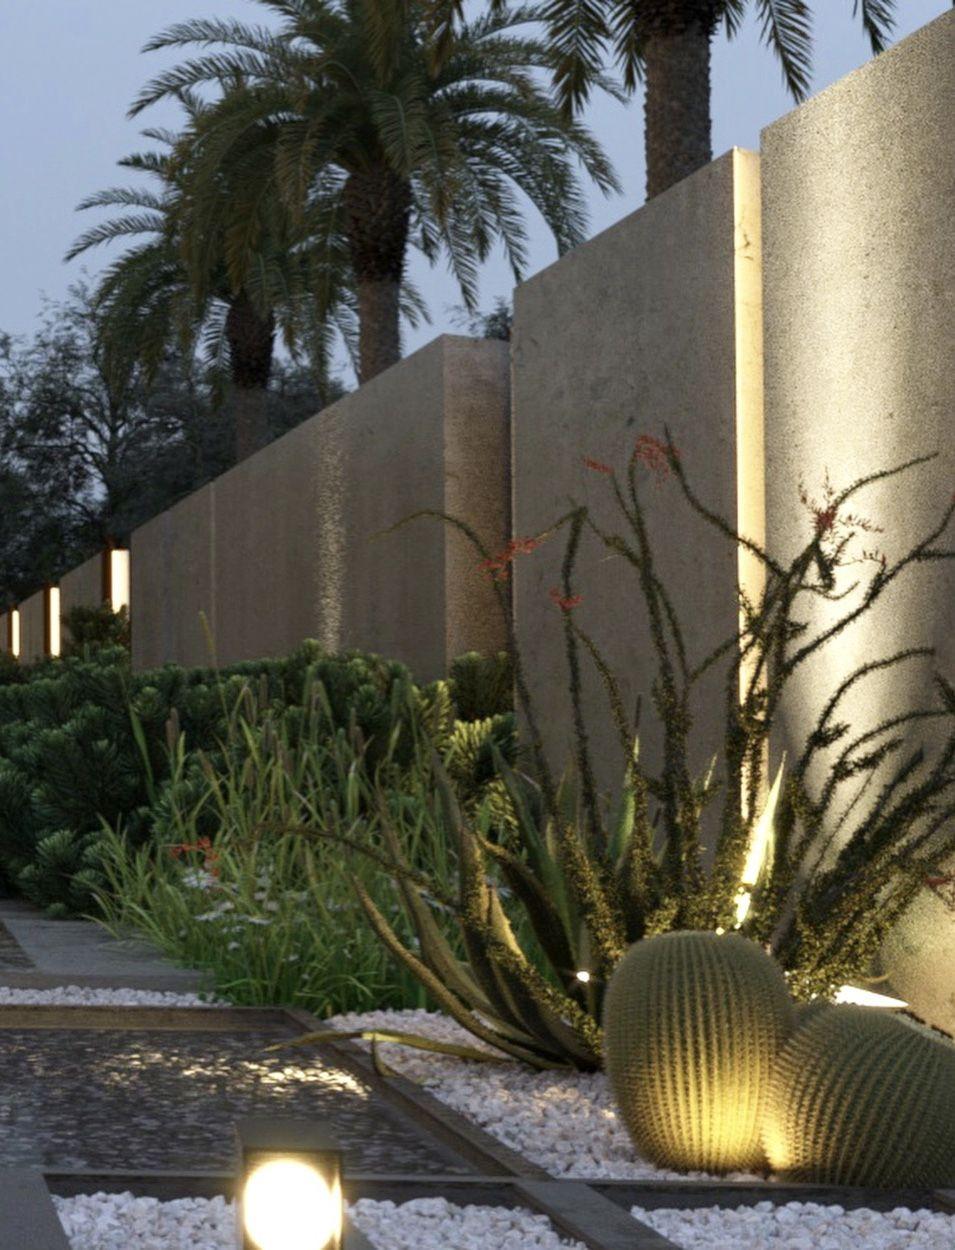 Architecture Landscape Gmi Studio Architects Landscape Architect Architecture